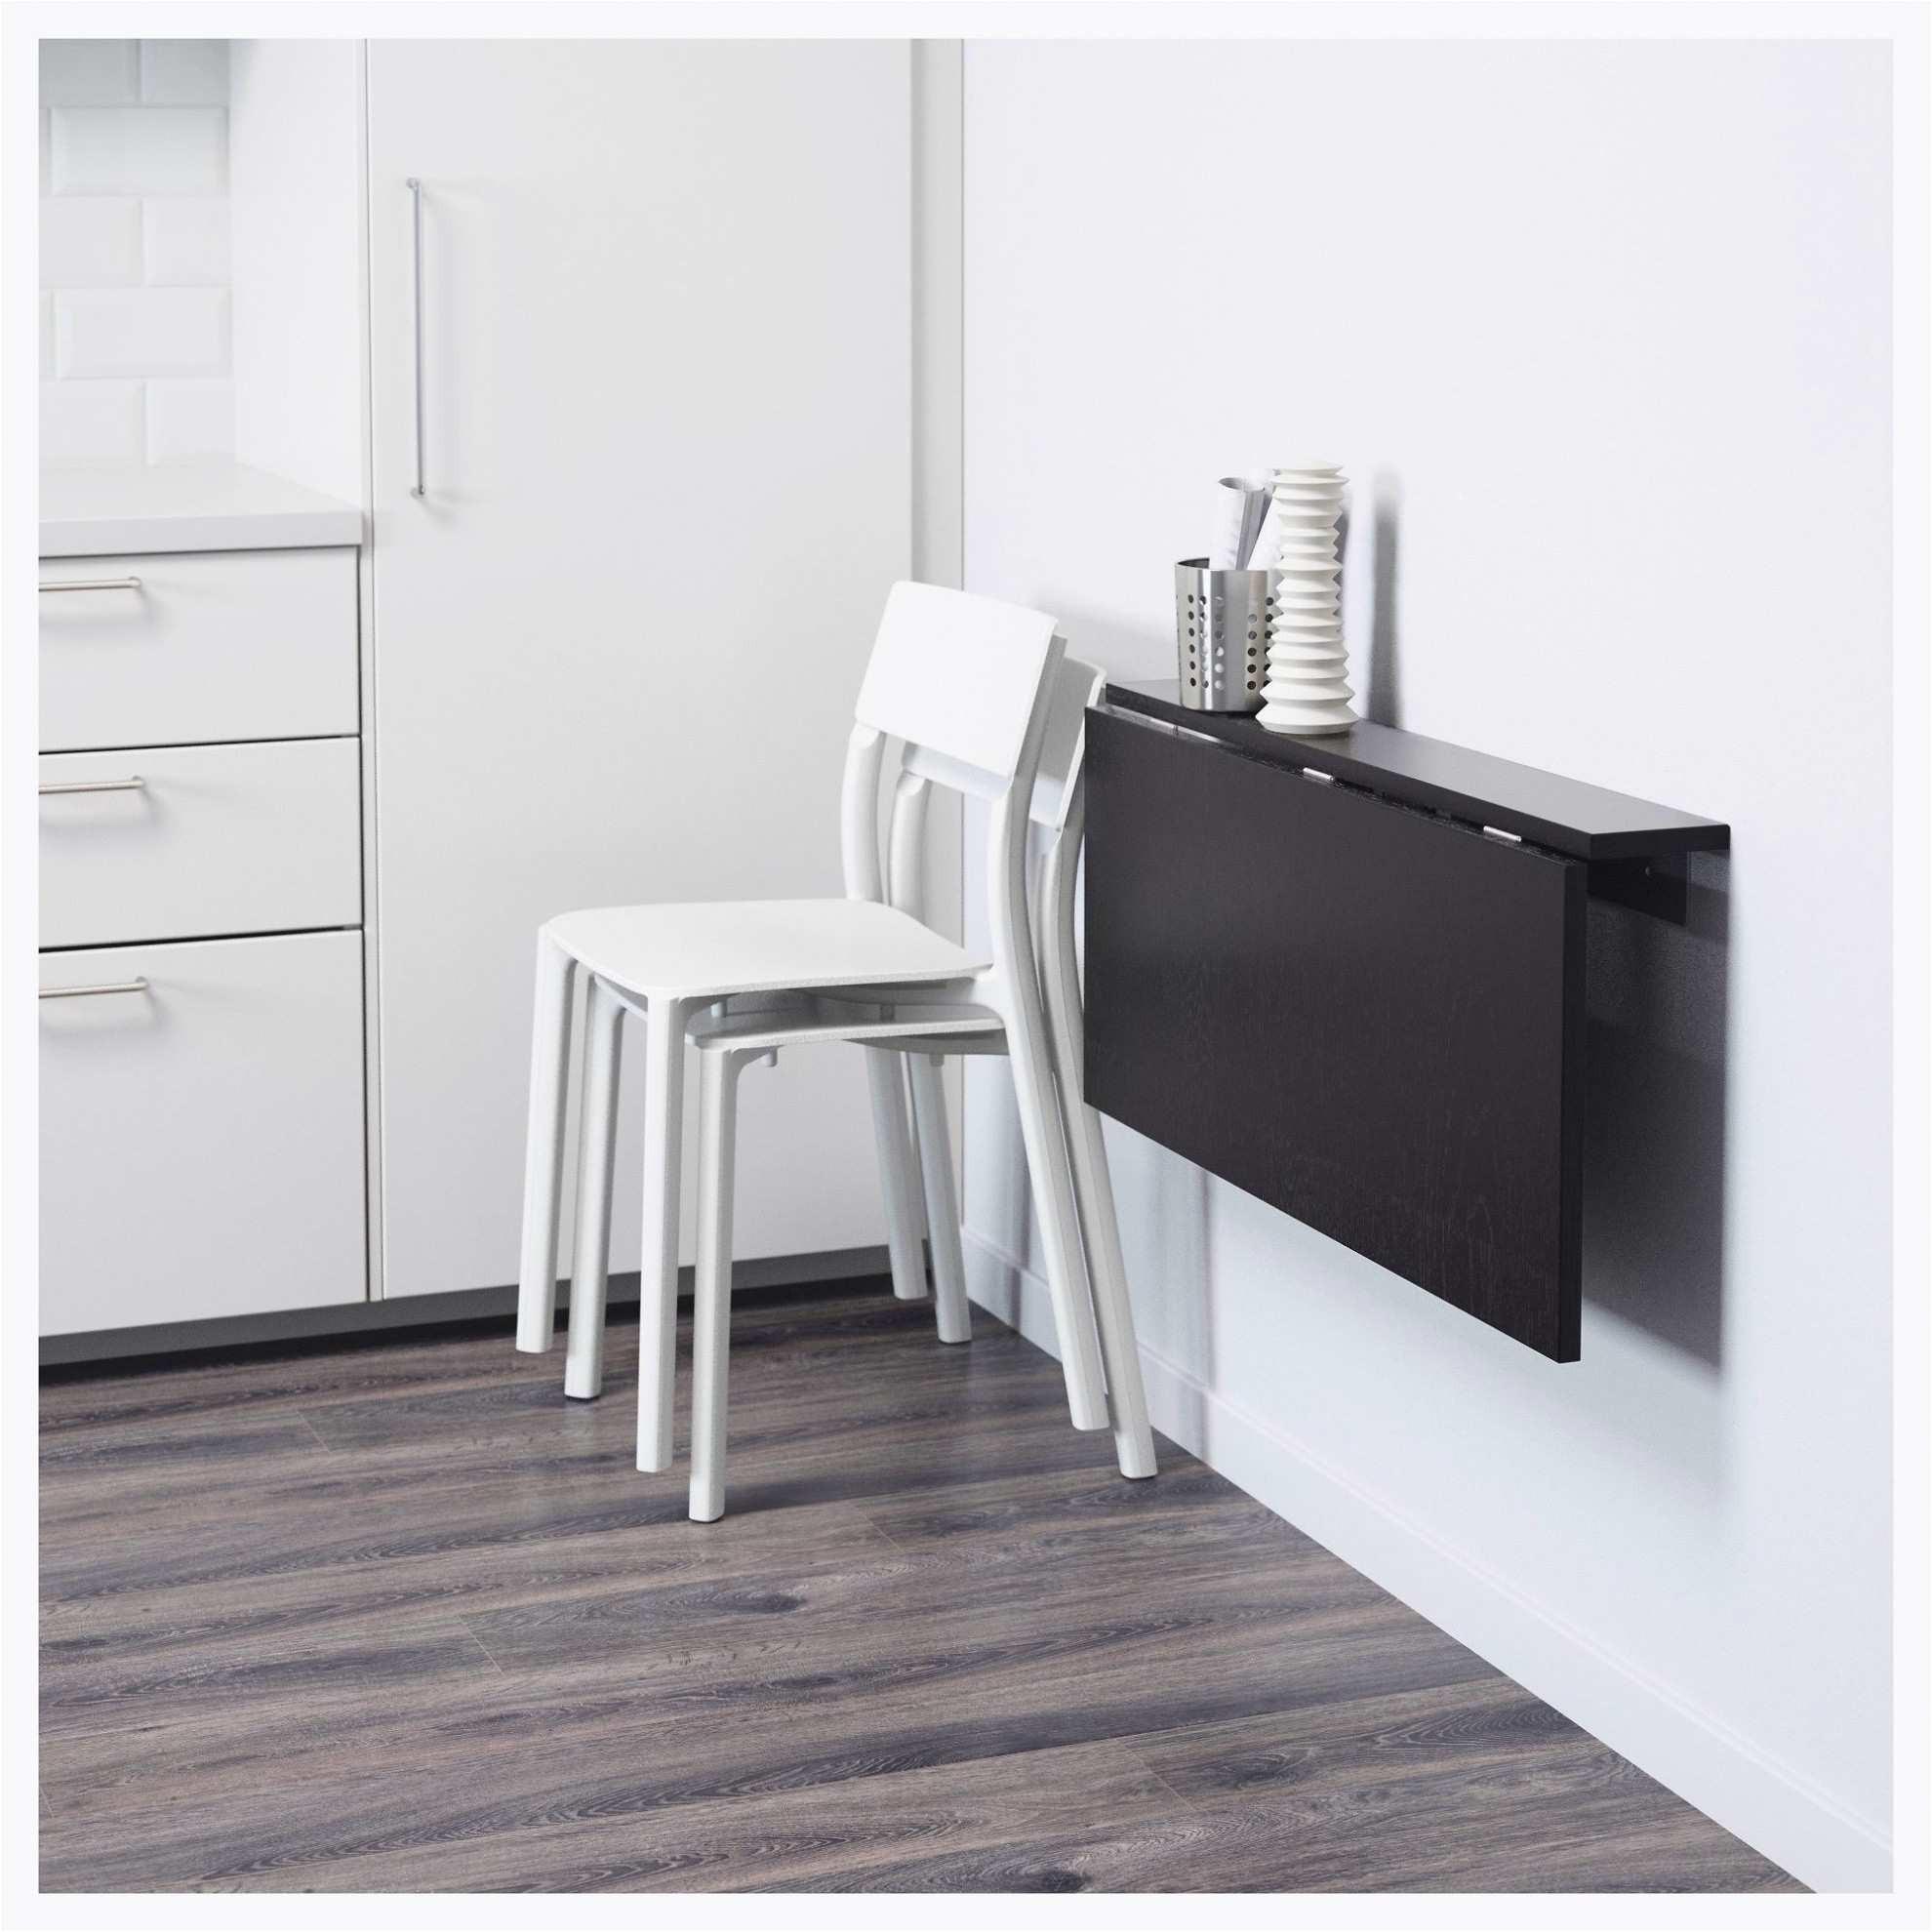 armarios segunda mano tenerife mejor de inicio muebles icina tenerife bogotaeslacumbre of armarios segunda mano